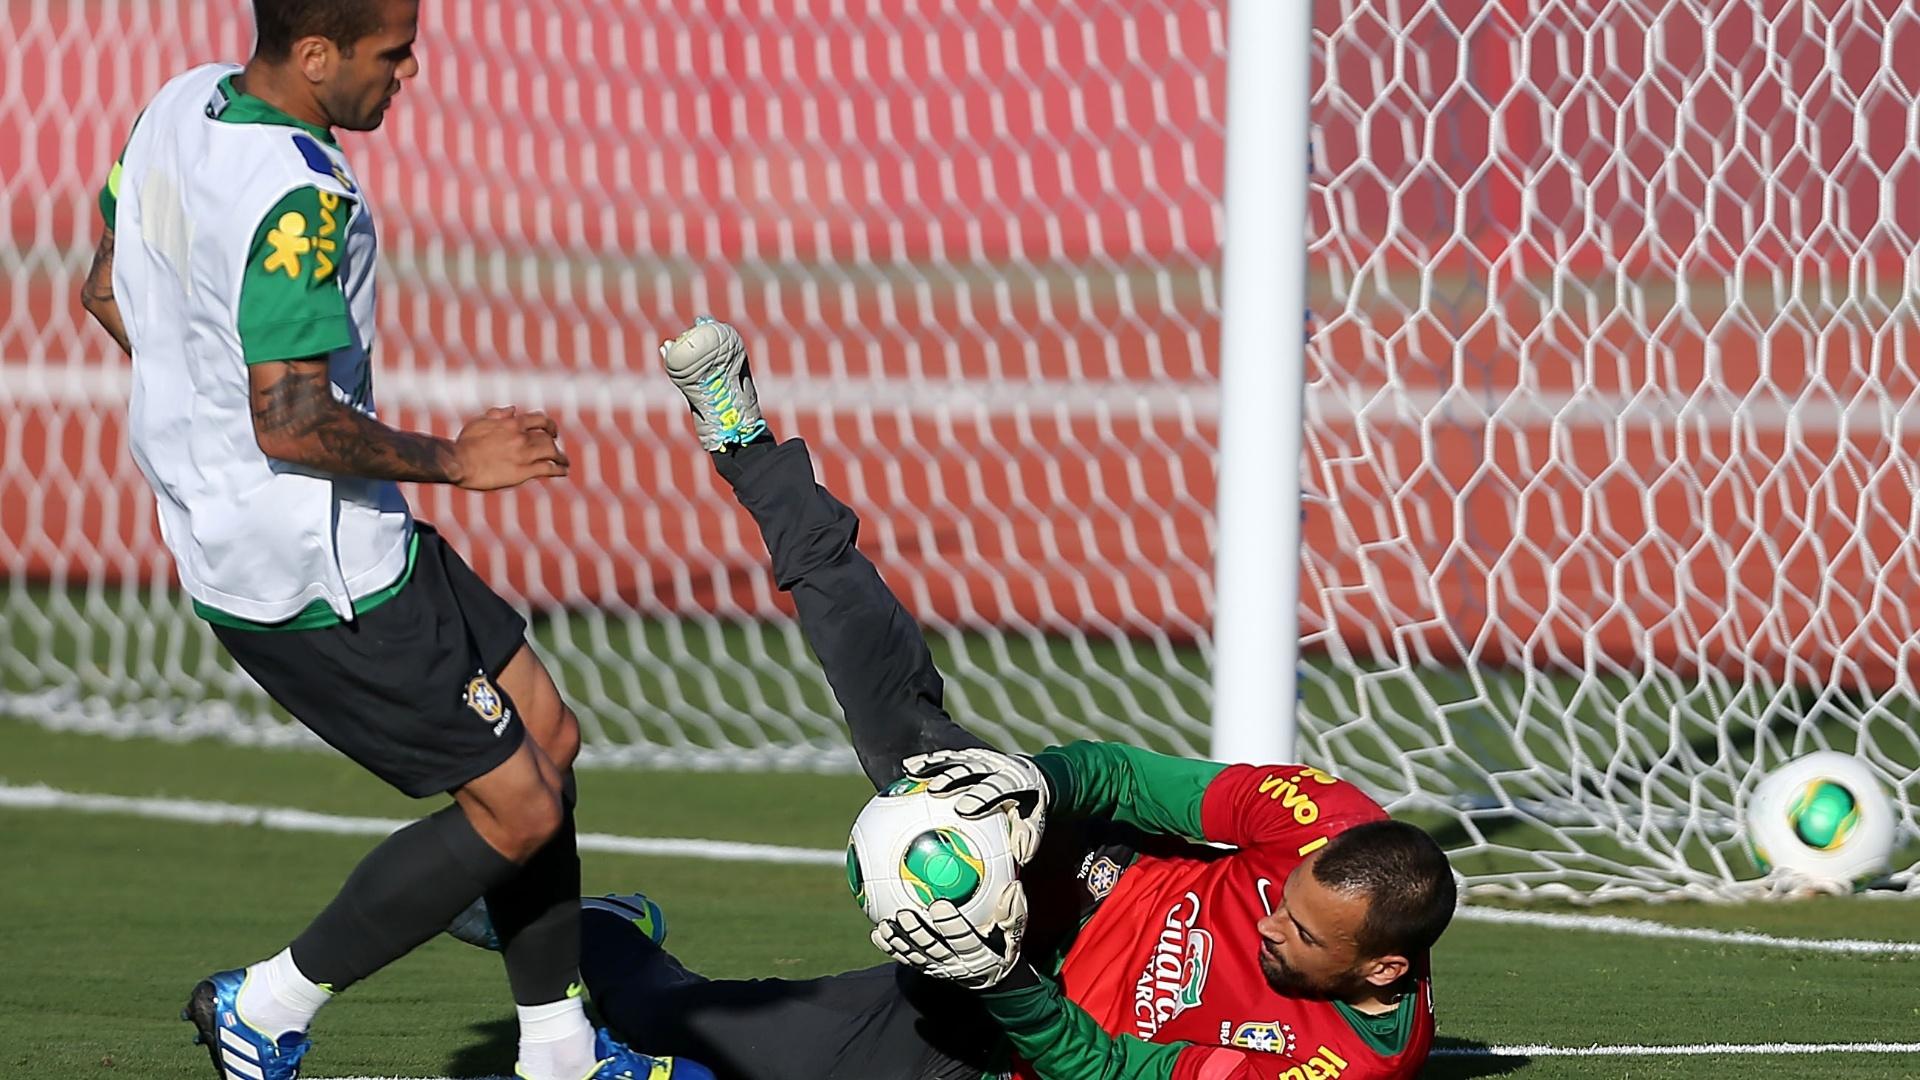 13.jun.2013 - Diego Cavaliei, goleiro do Fluminense, faz a defesa durante treinamento da seleção brasileira nesta quinta-feira, em Brasília